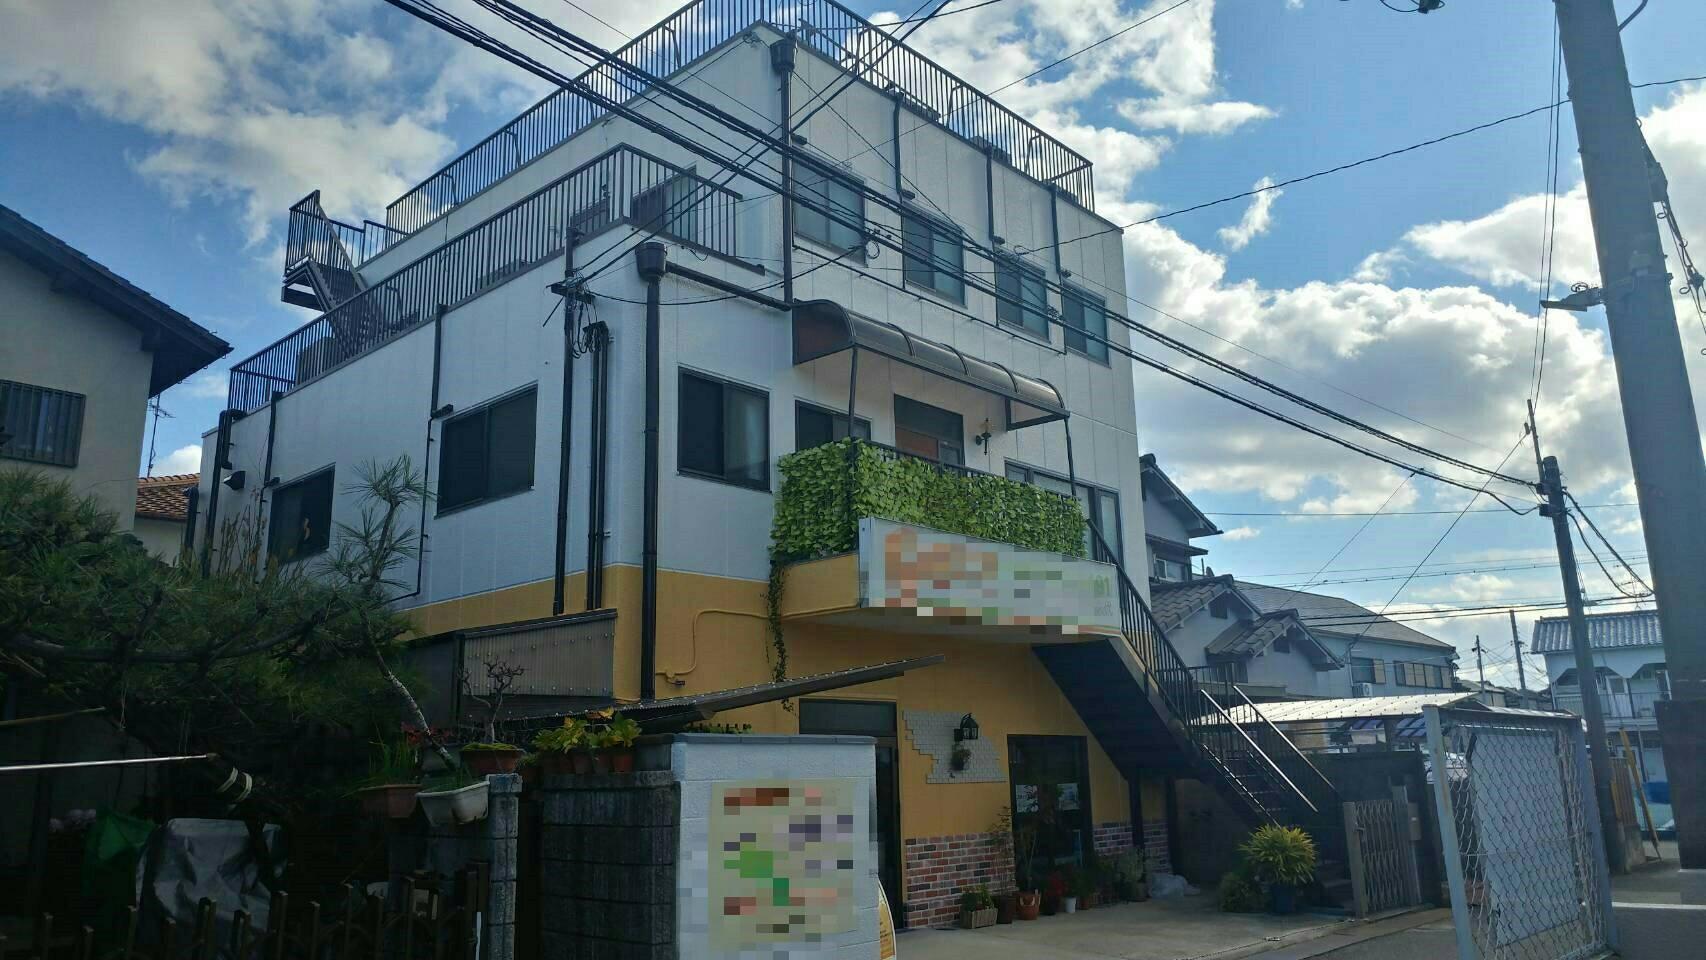 【川西市久代】雨漏れ発生!外壁塗装リフォームで解決!